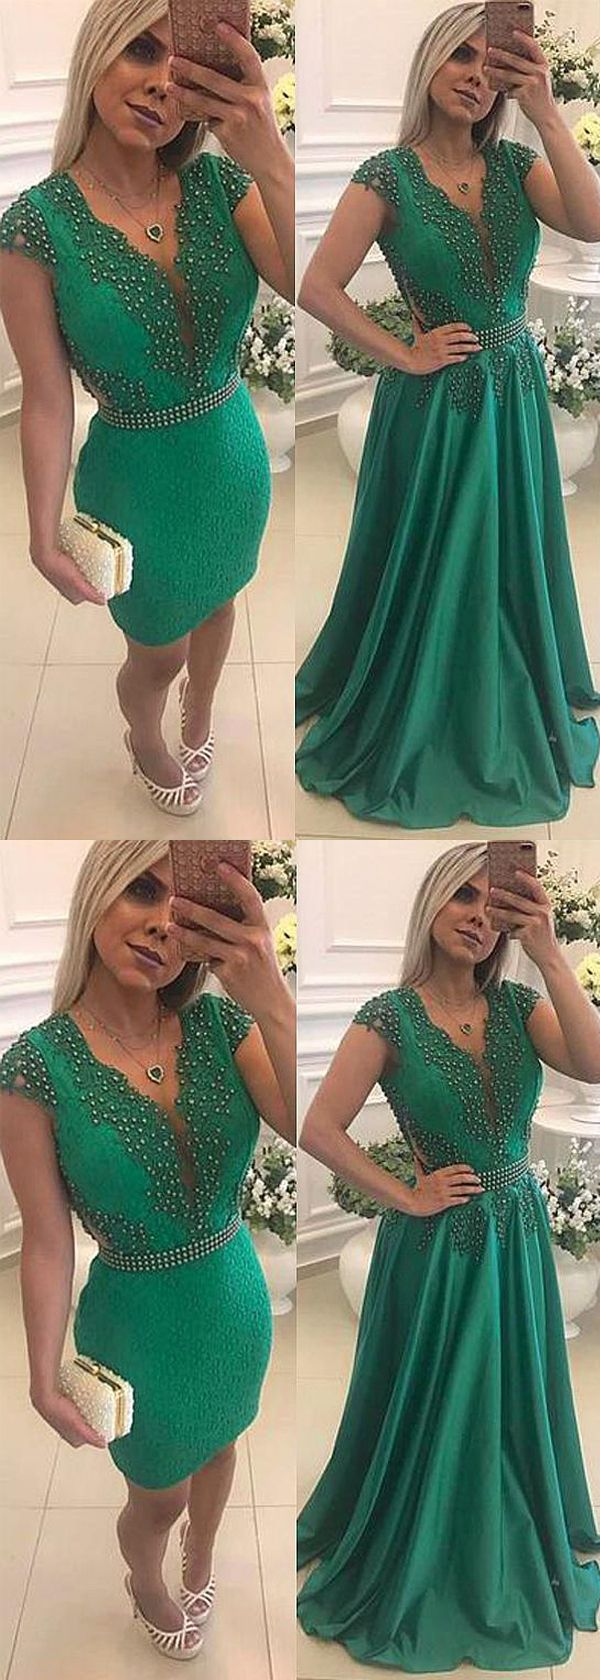 445 besten Bárbara Melo Bilder auf Pinterest   Abschlussball kleider ...